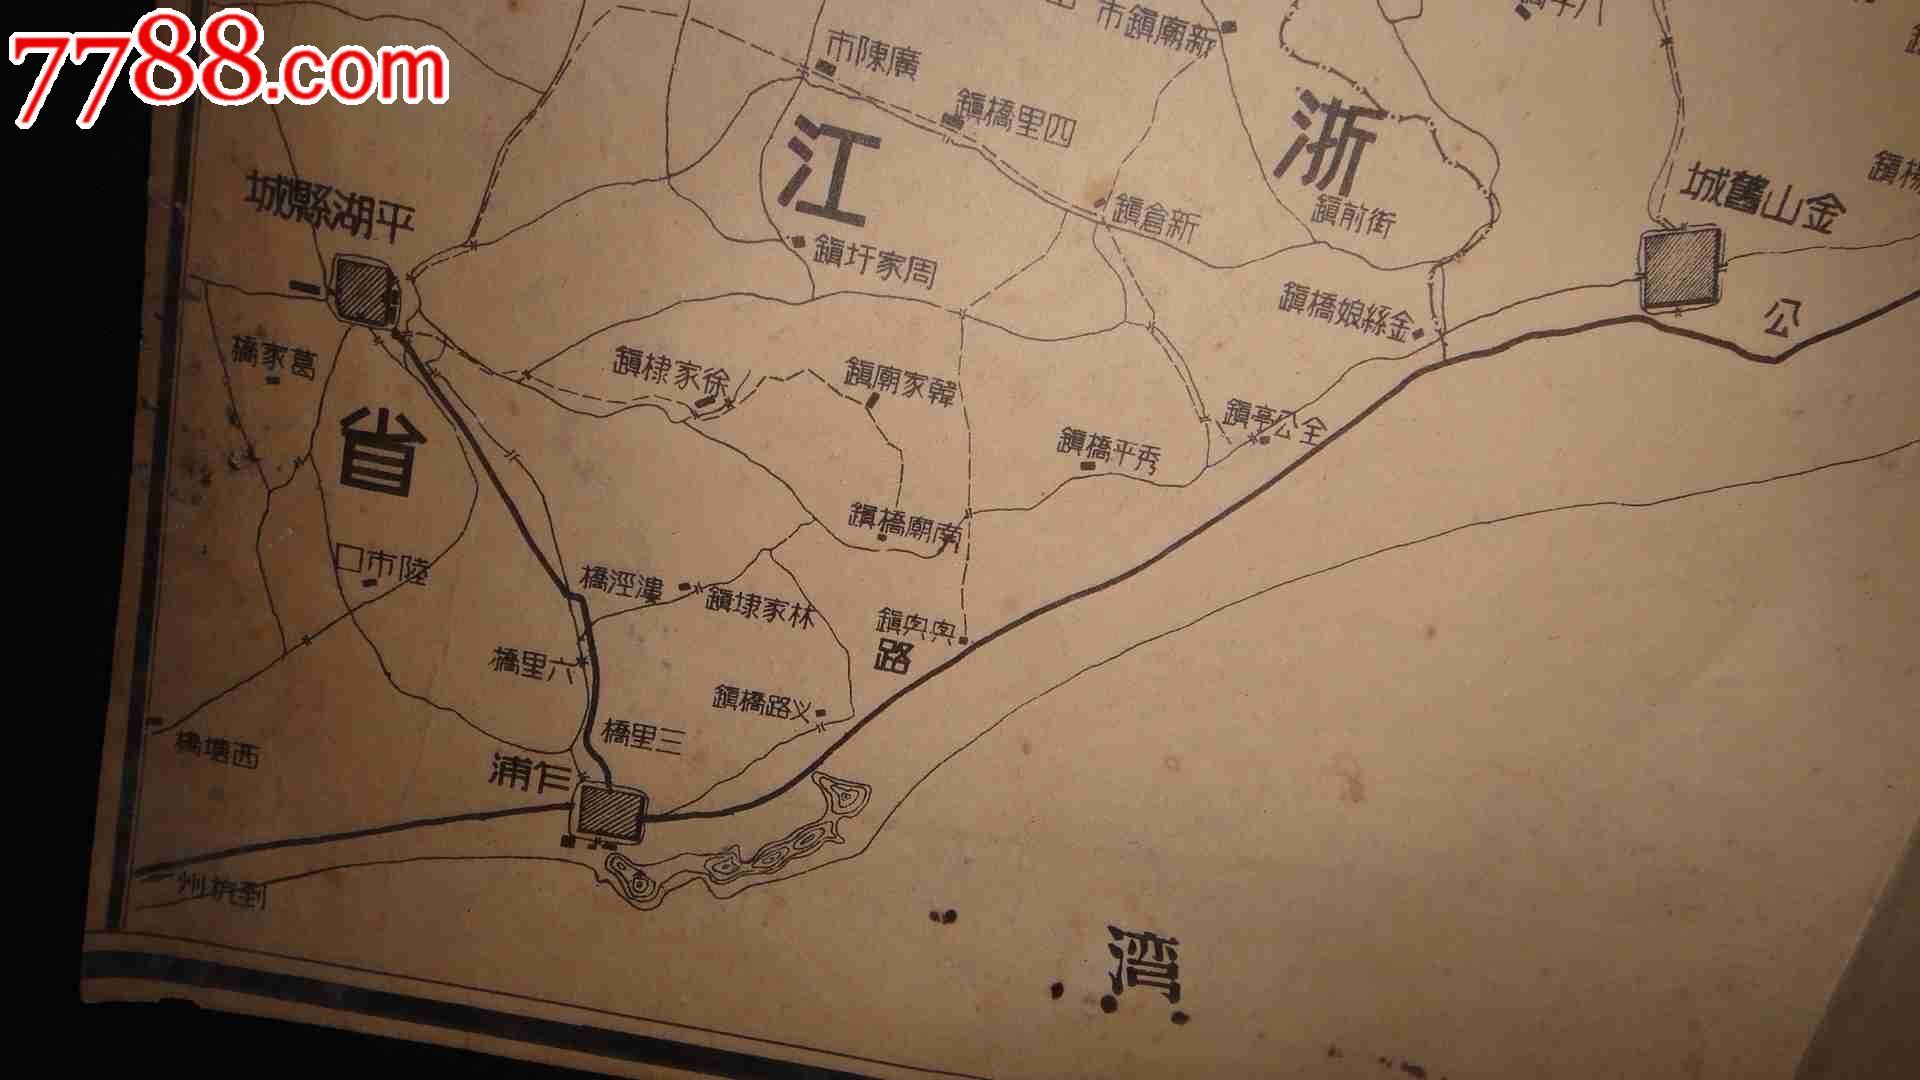 清代地图.上海市附近交通图.36-49厘米